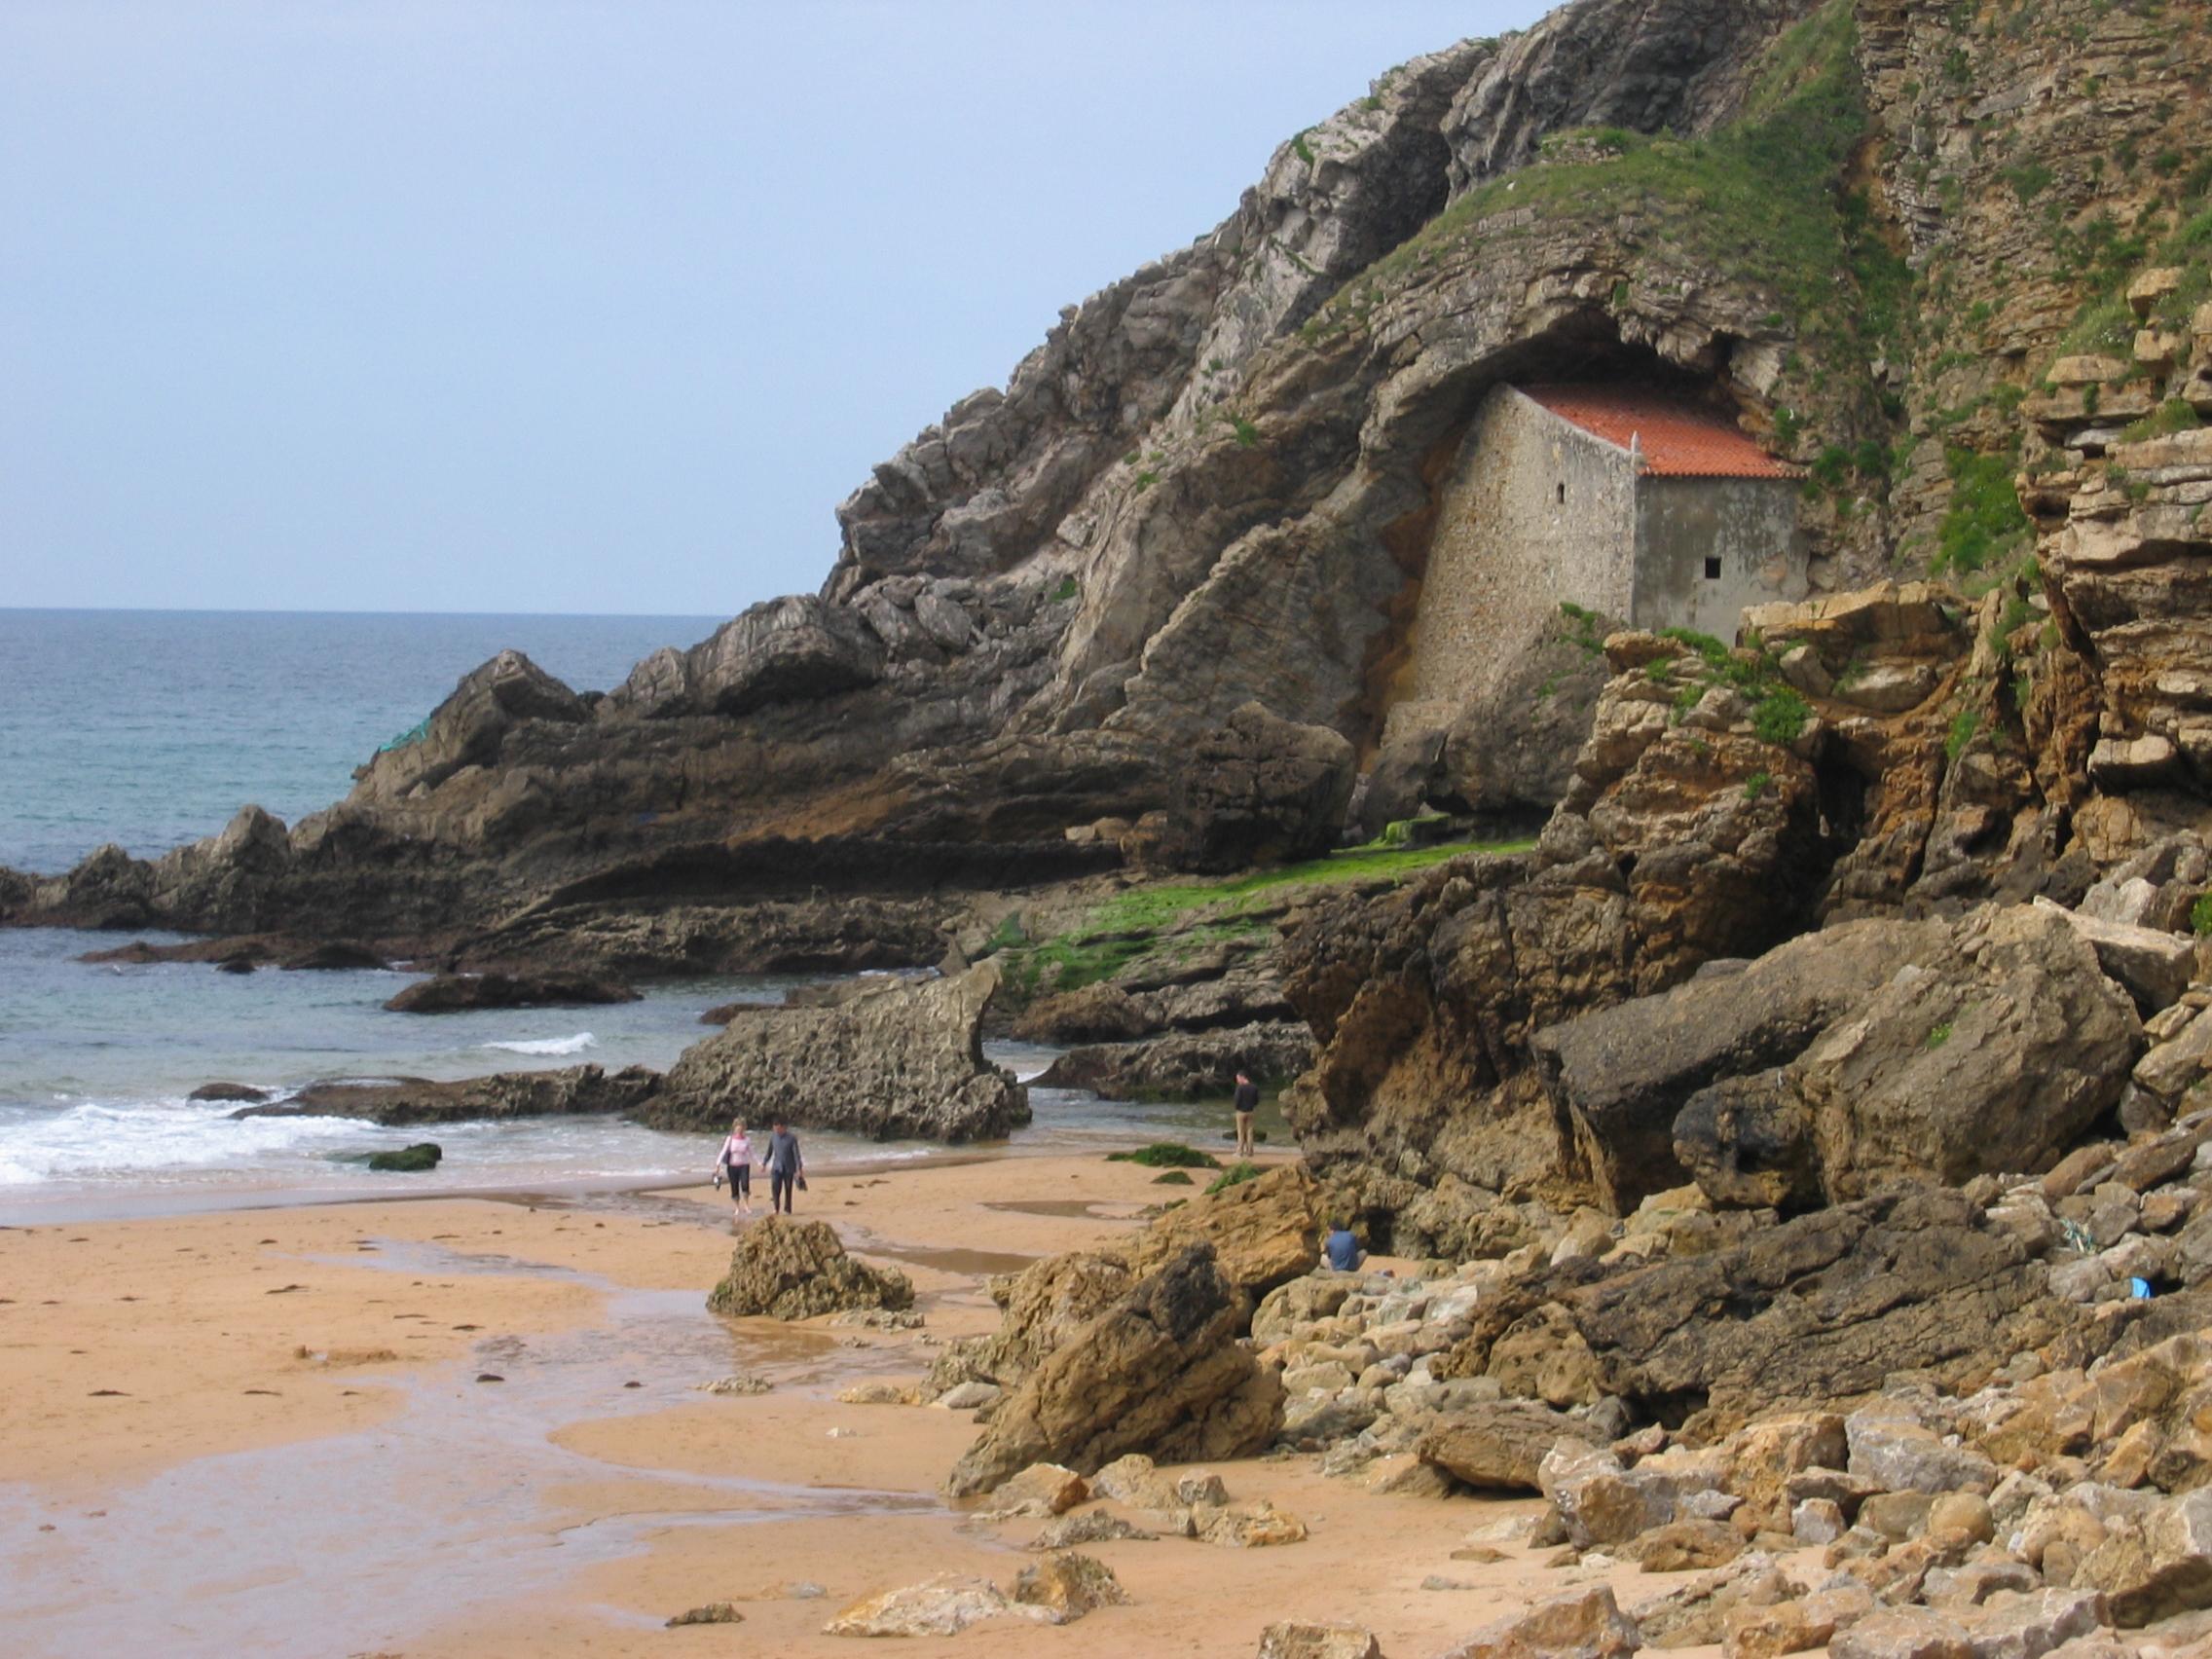 Foto playa Santa Justa. Cantabria - playa y ermita de Santa Justa